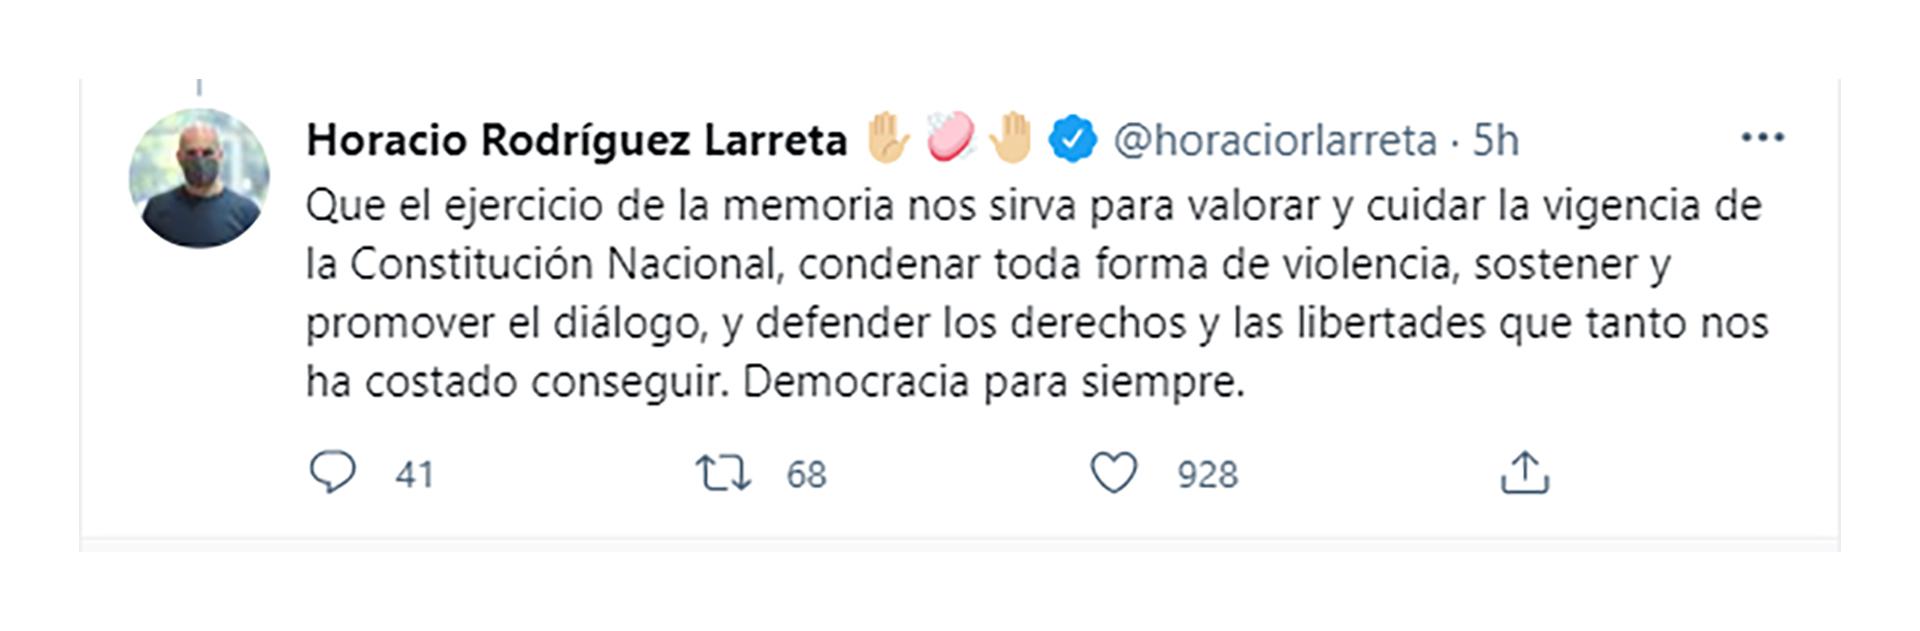 El mensaje de Larreta por el Día de la Memoria por la Verdad y la Justicia (Twitter)